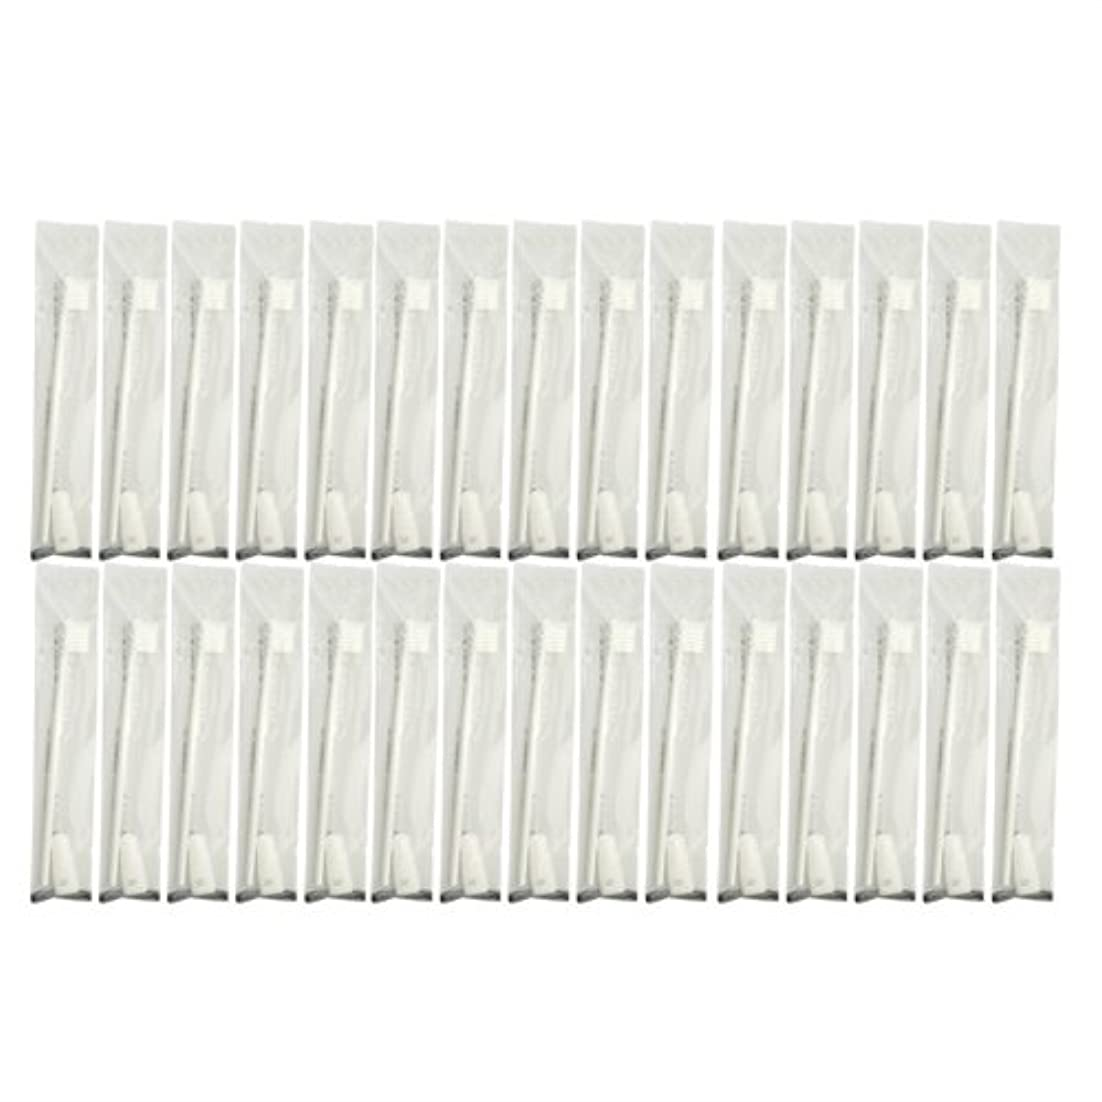 ハチ革命的何でも業務用 使い捨て歯ブラシ チューブ歯磨き粉(3g)付き ホワイト 30本セット│ホテルアメニティ 個包装タイプ